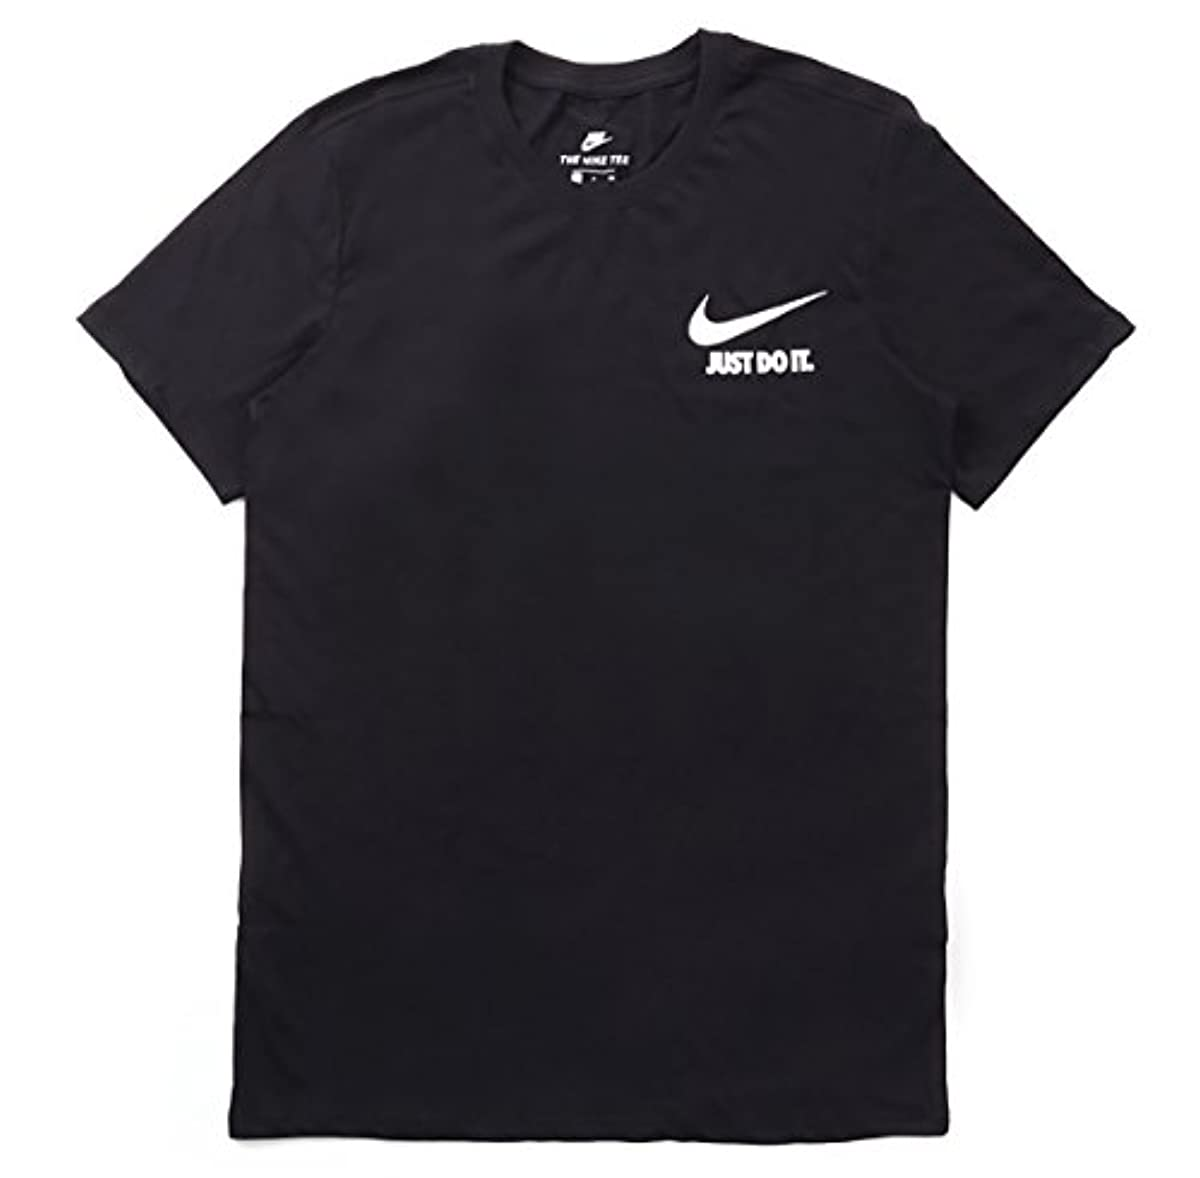 [해외] NIKE 나이키 NSW JUST DO IT T셔츠 원 포인트 반소매 스포츠 웨어 911922